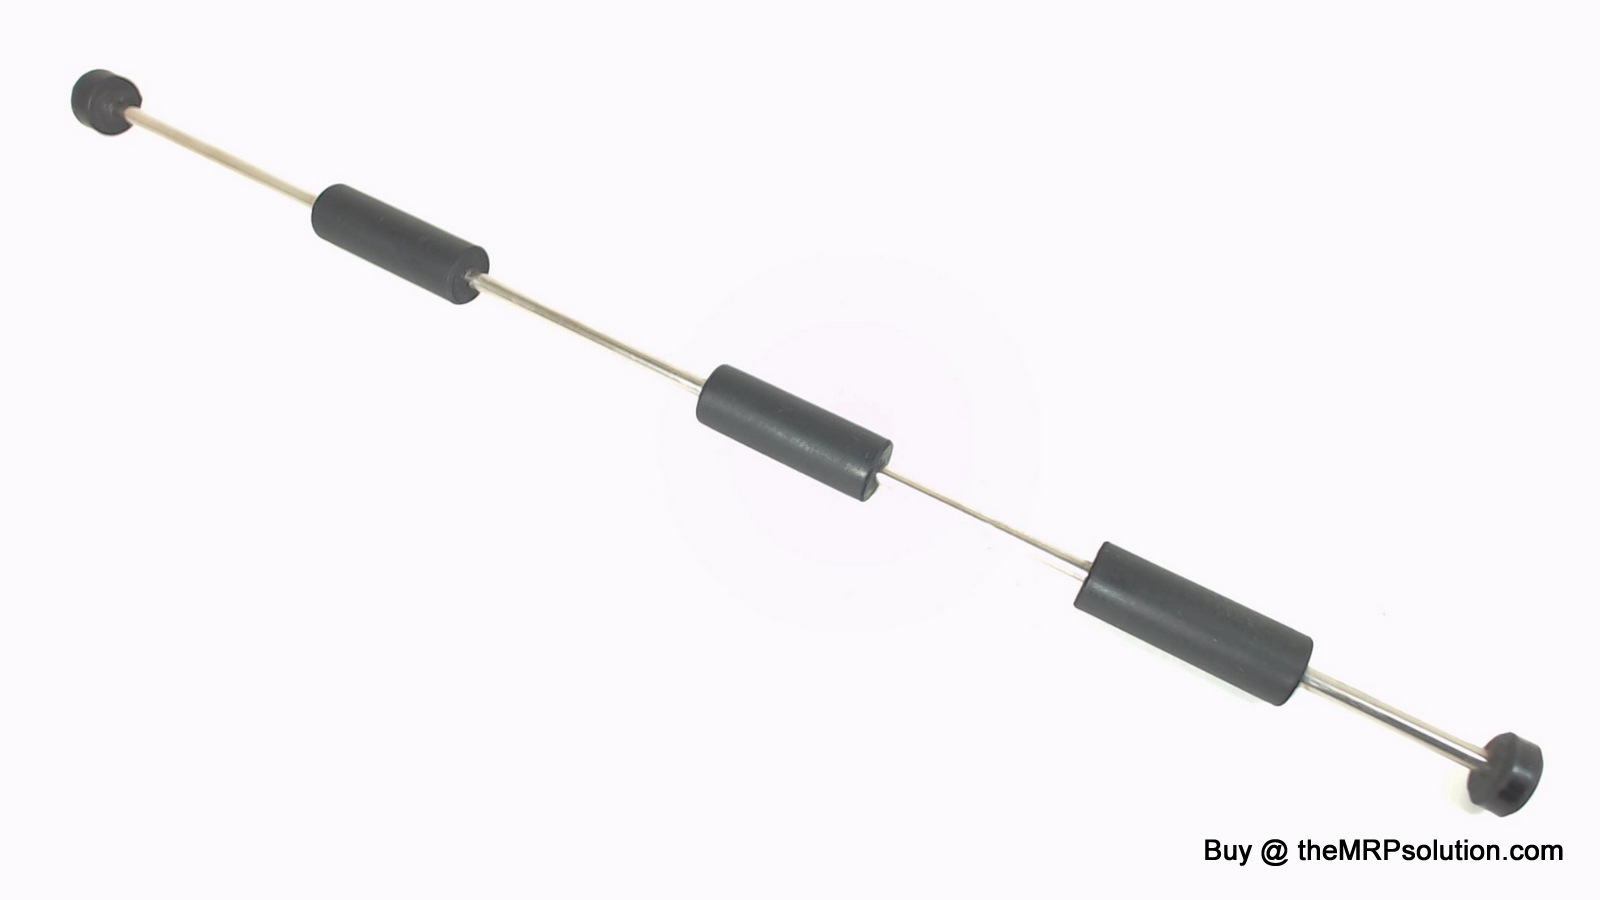 OKIDATA 53349401 REAR PRESSURE ROLLER, 320T Refurbished